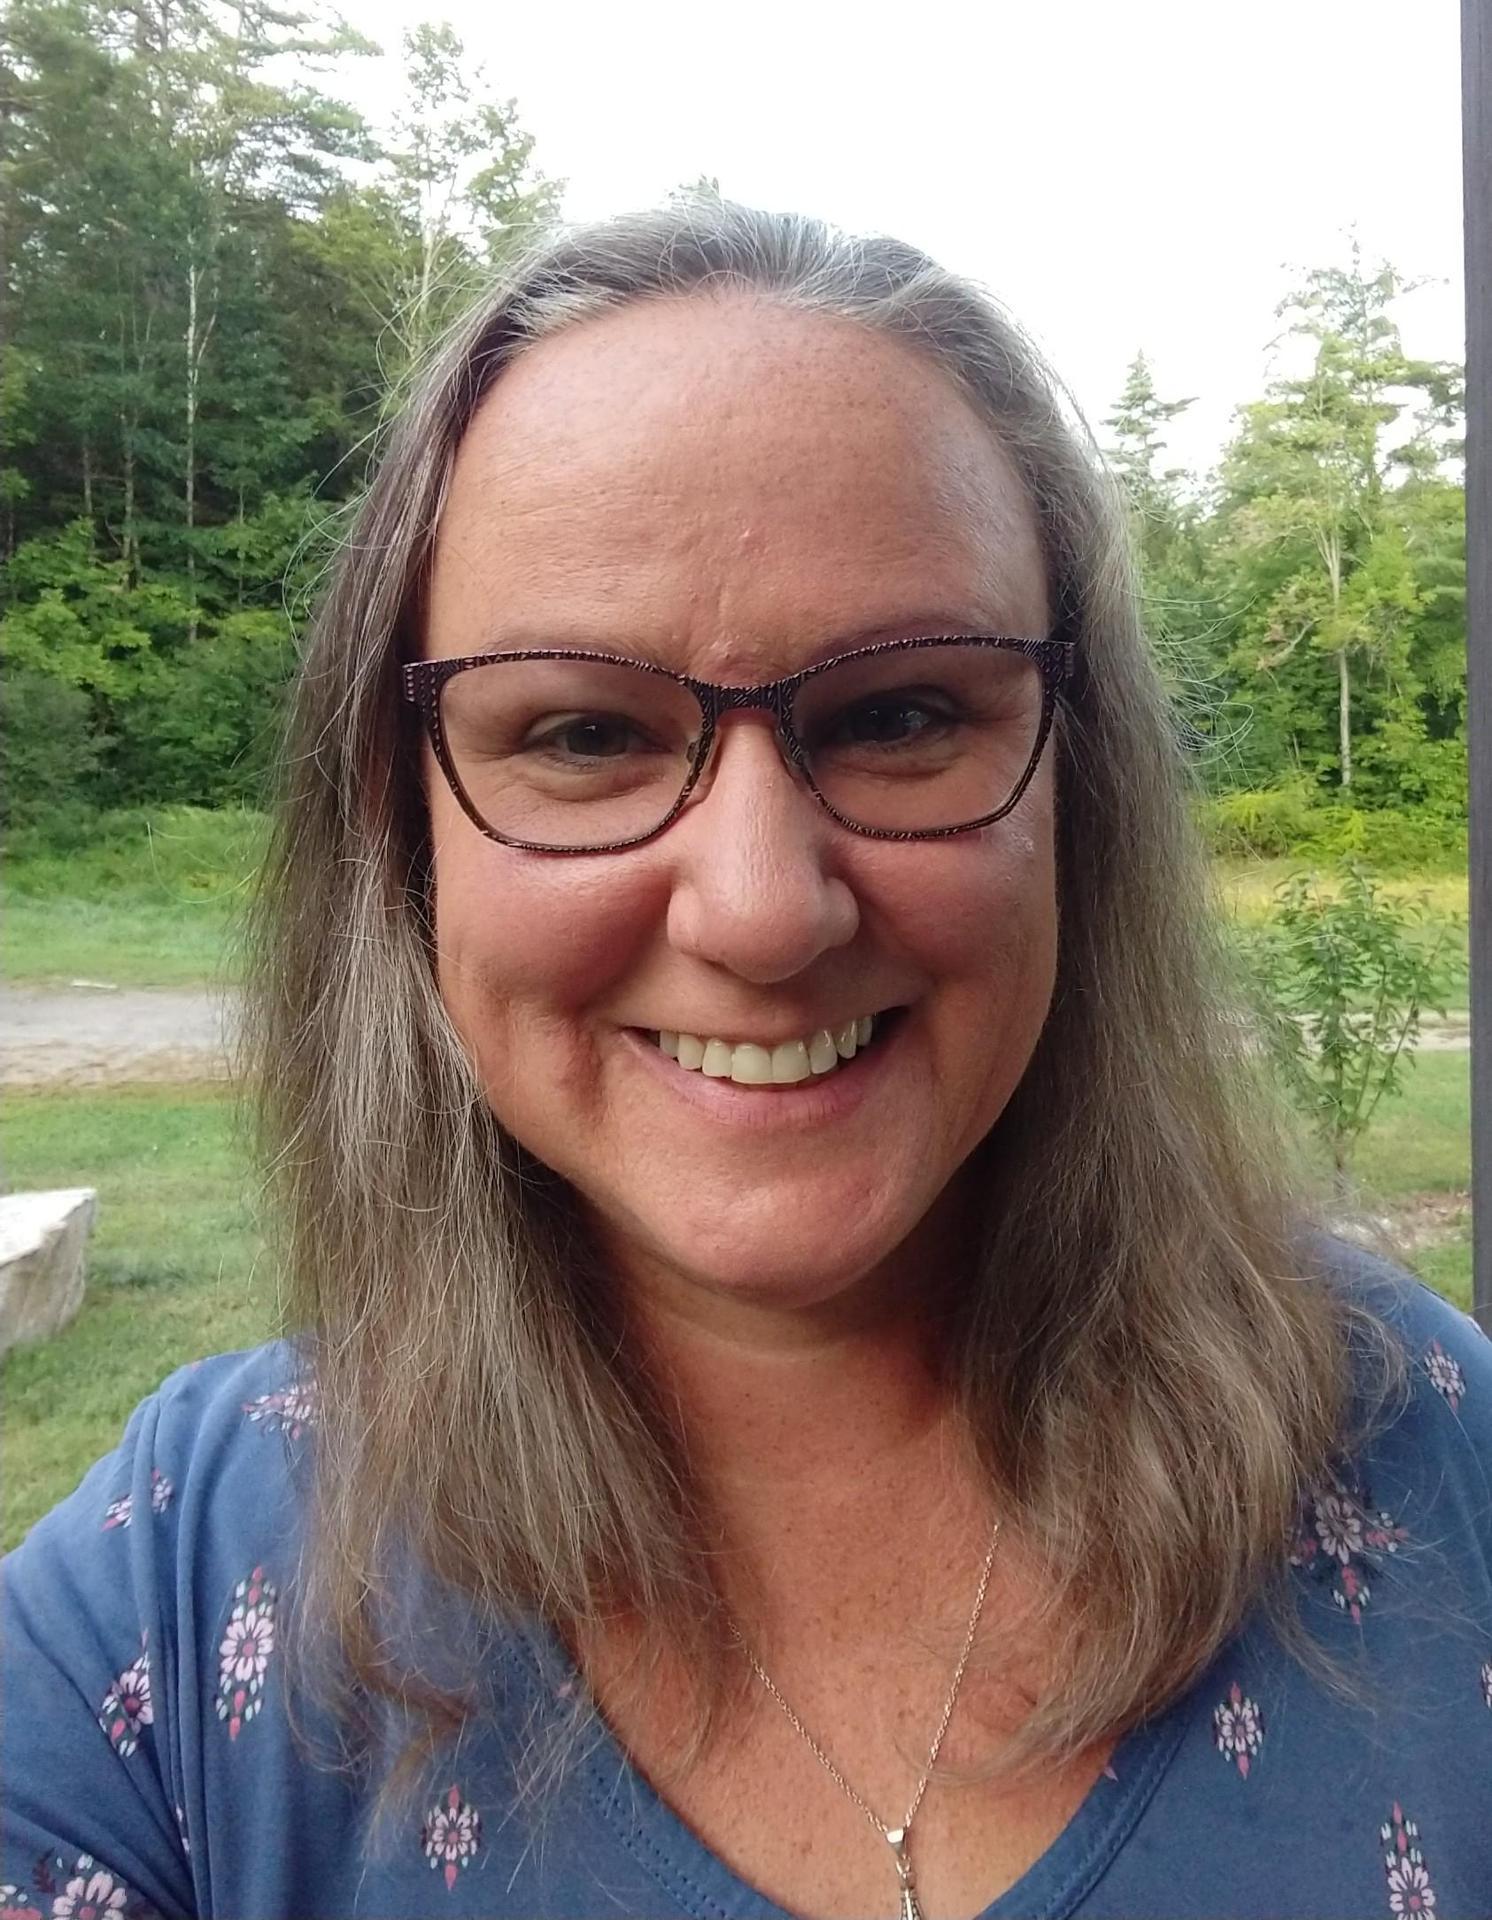 Ms. Christy